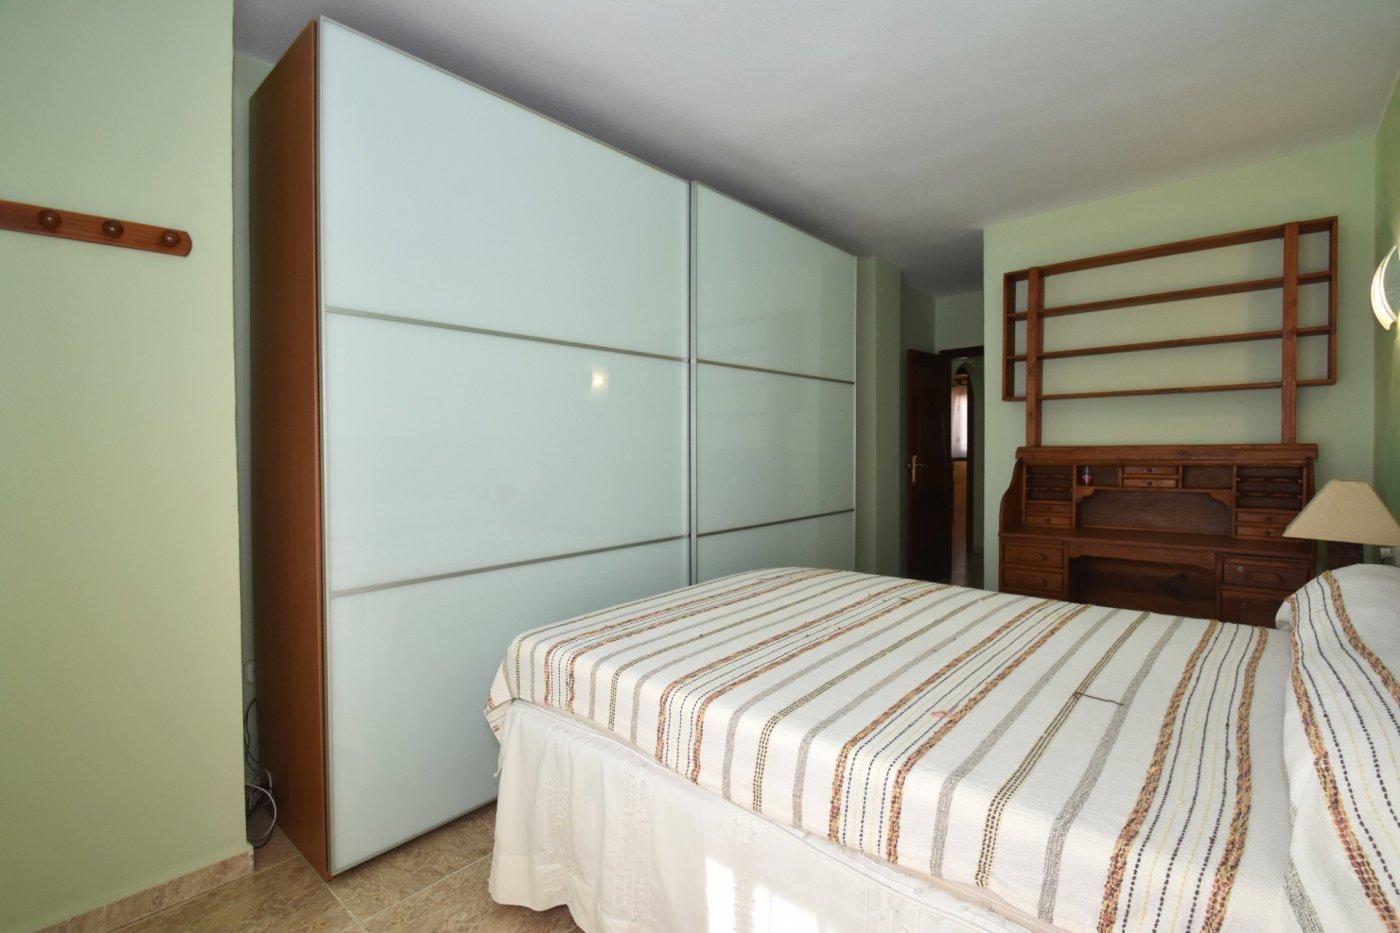 Piso entrar a vivir en venta en Cartagena, Urbincasa